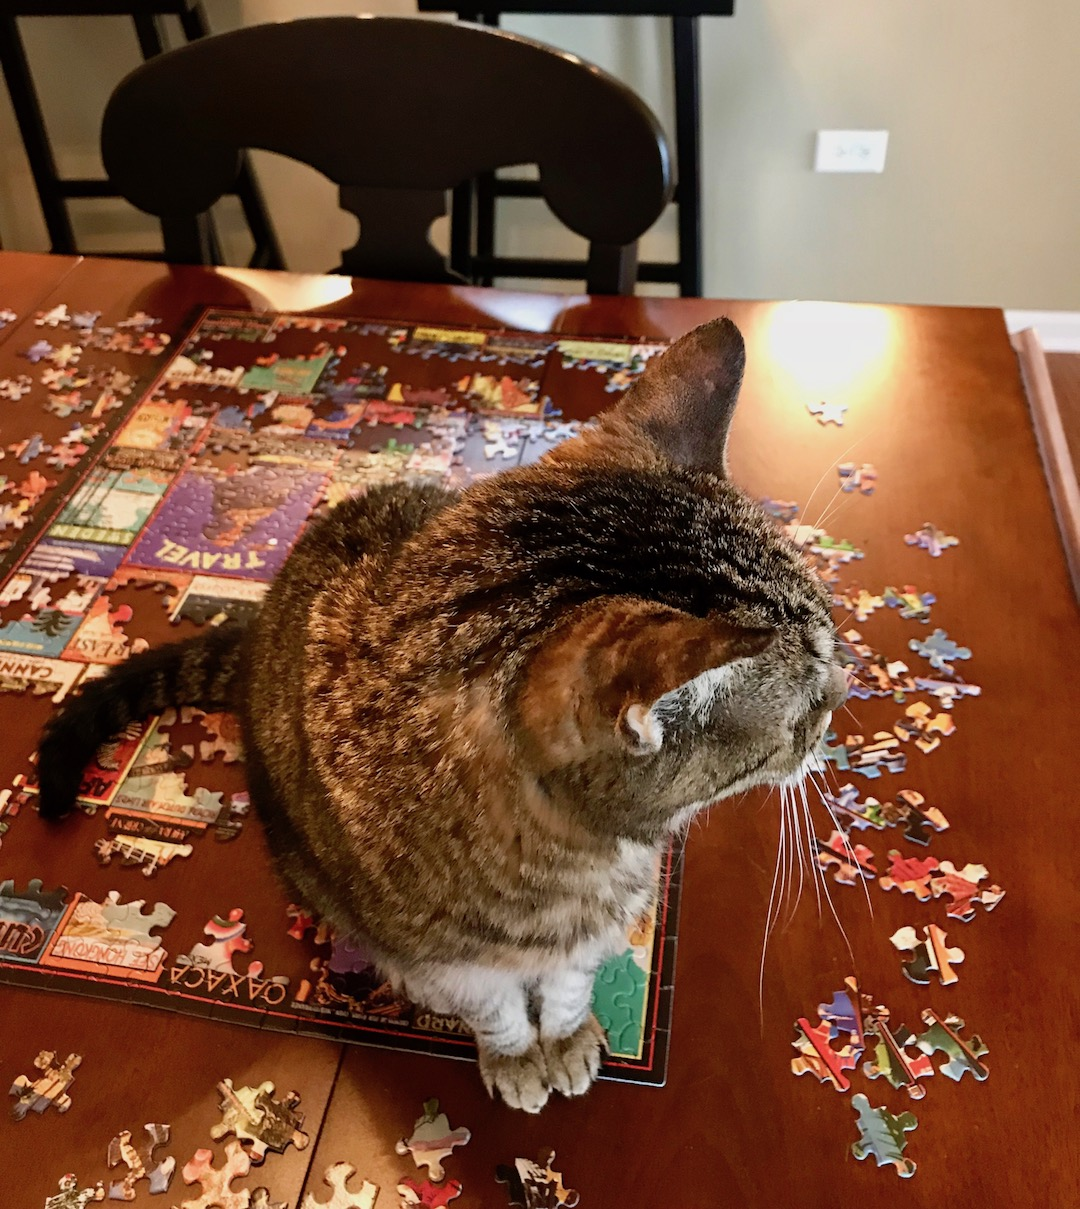 angiepuzzle